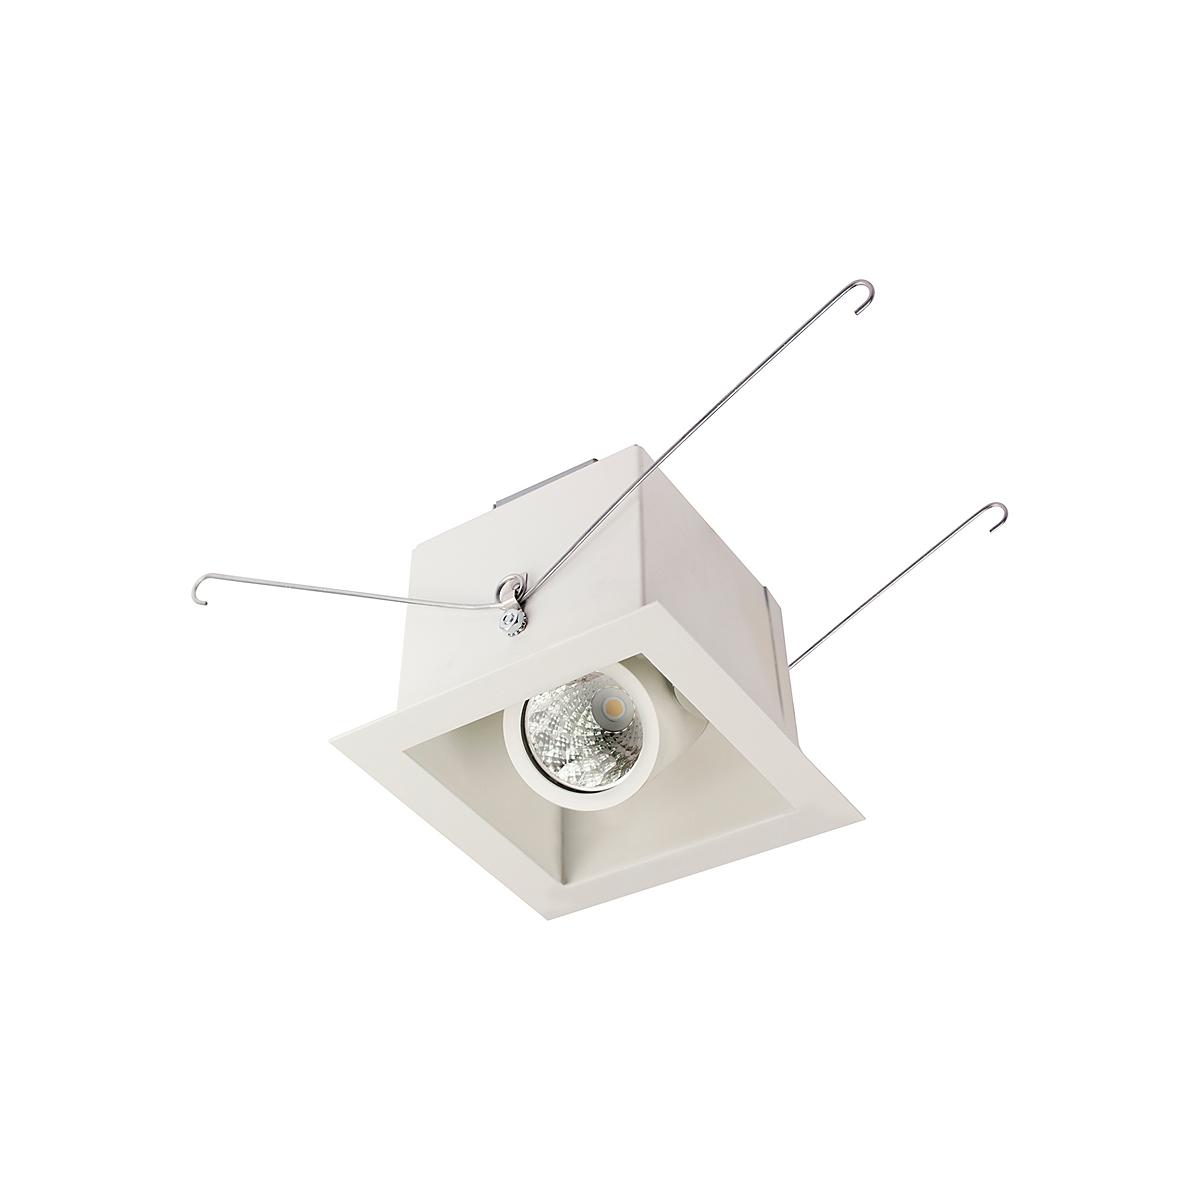 OmniSpot LED Recessed Multiple